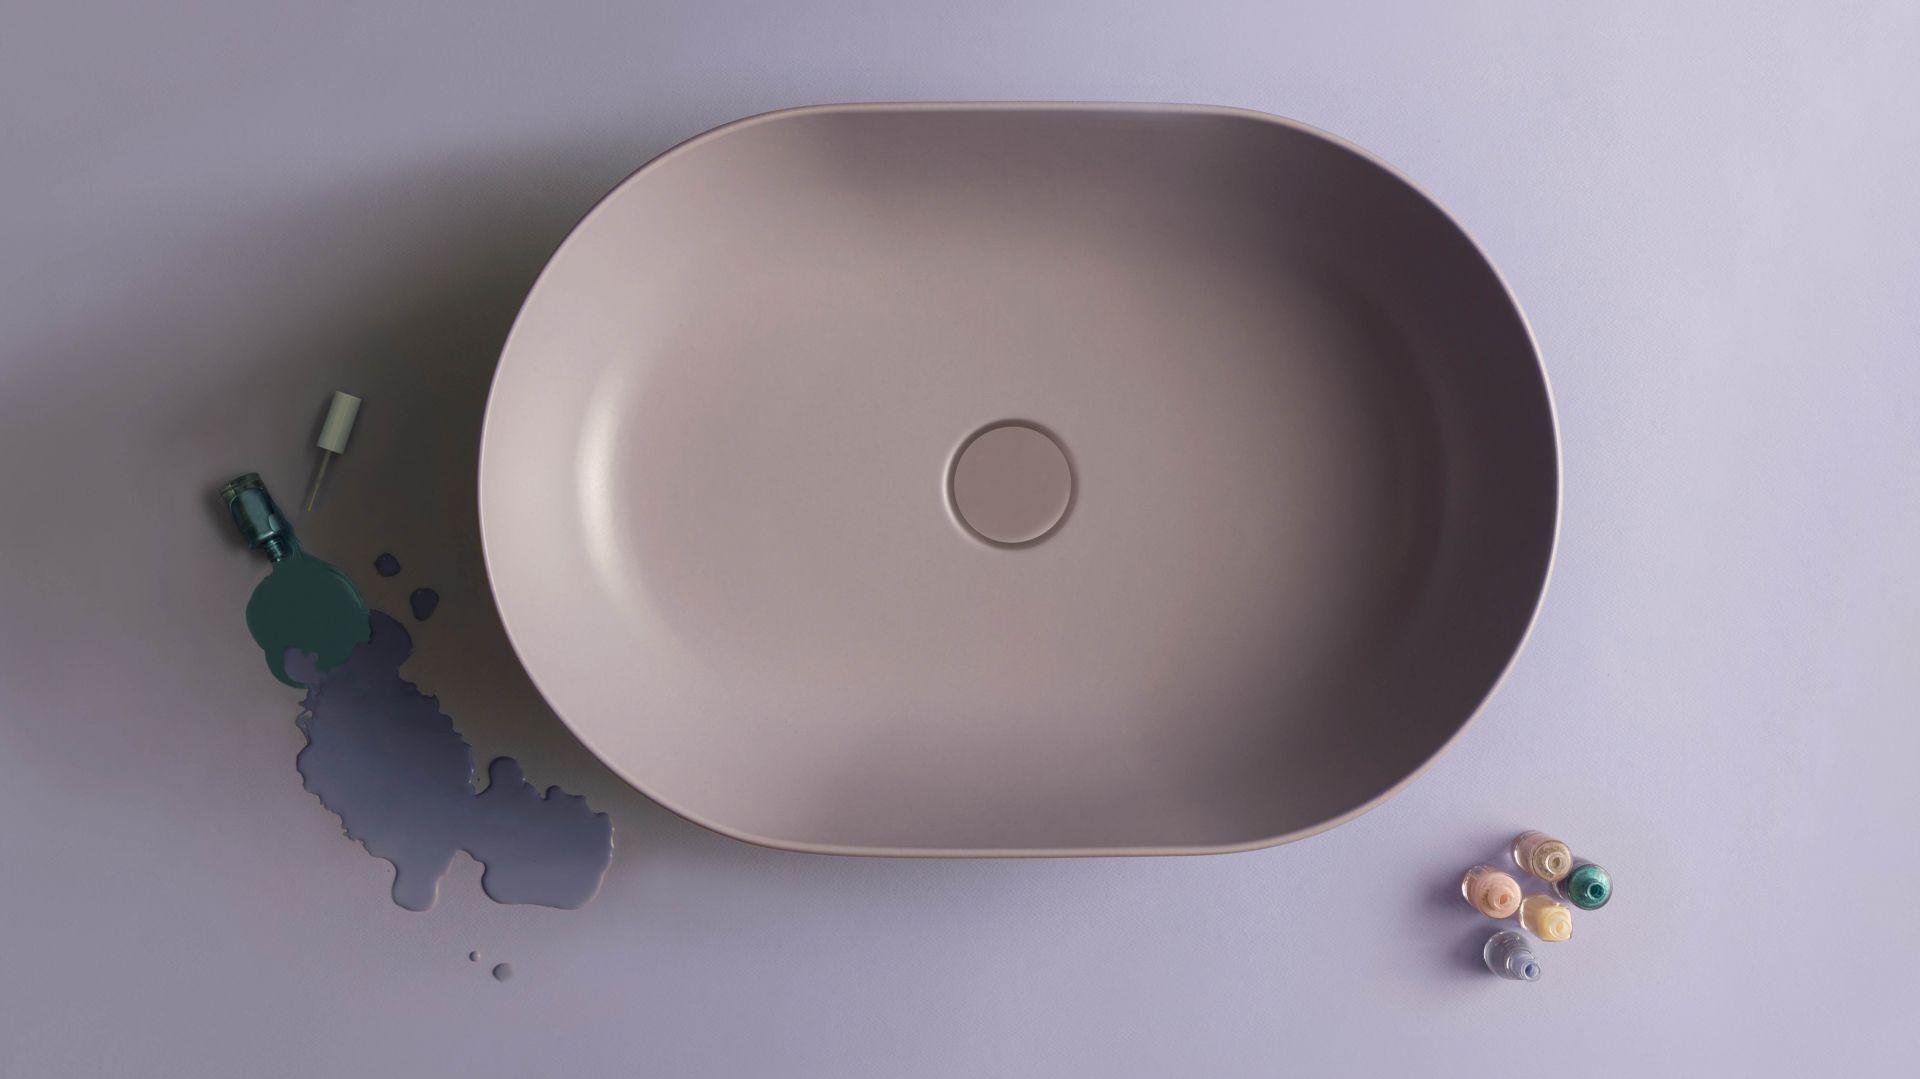 Umywalka z serii T-Edge marki Ceramica Globo o cieniutkim rancie, w pięknym, lawendowym kolorze. Fot. Ceramica Globo